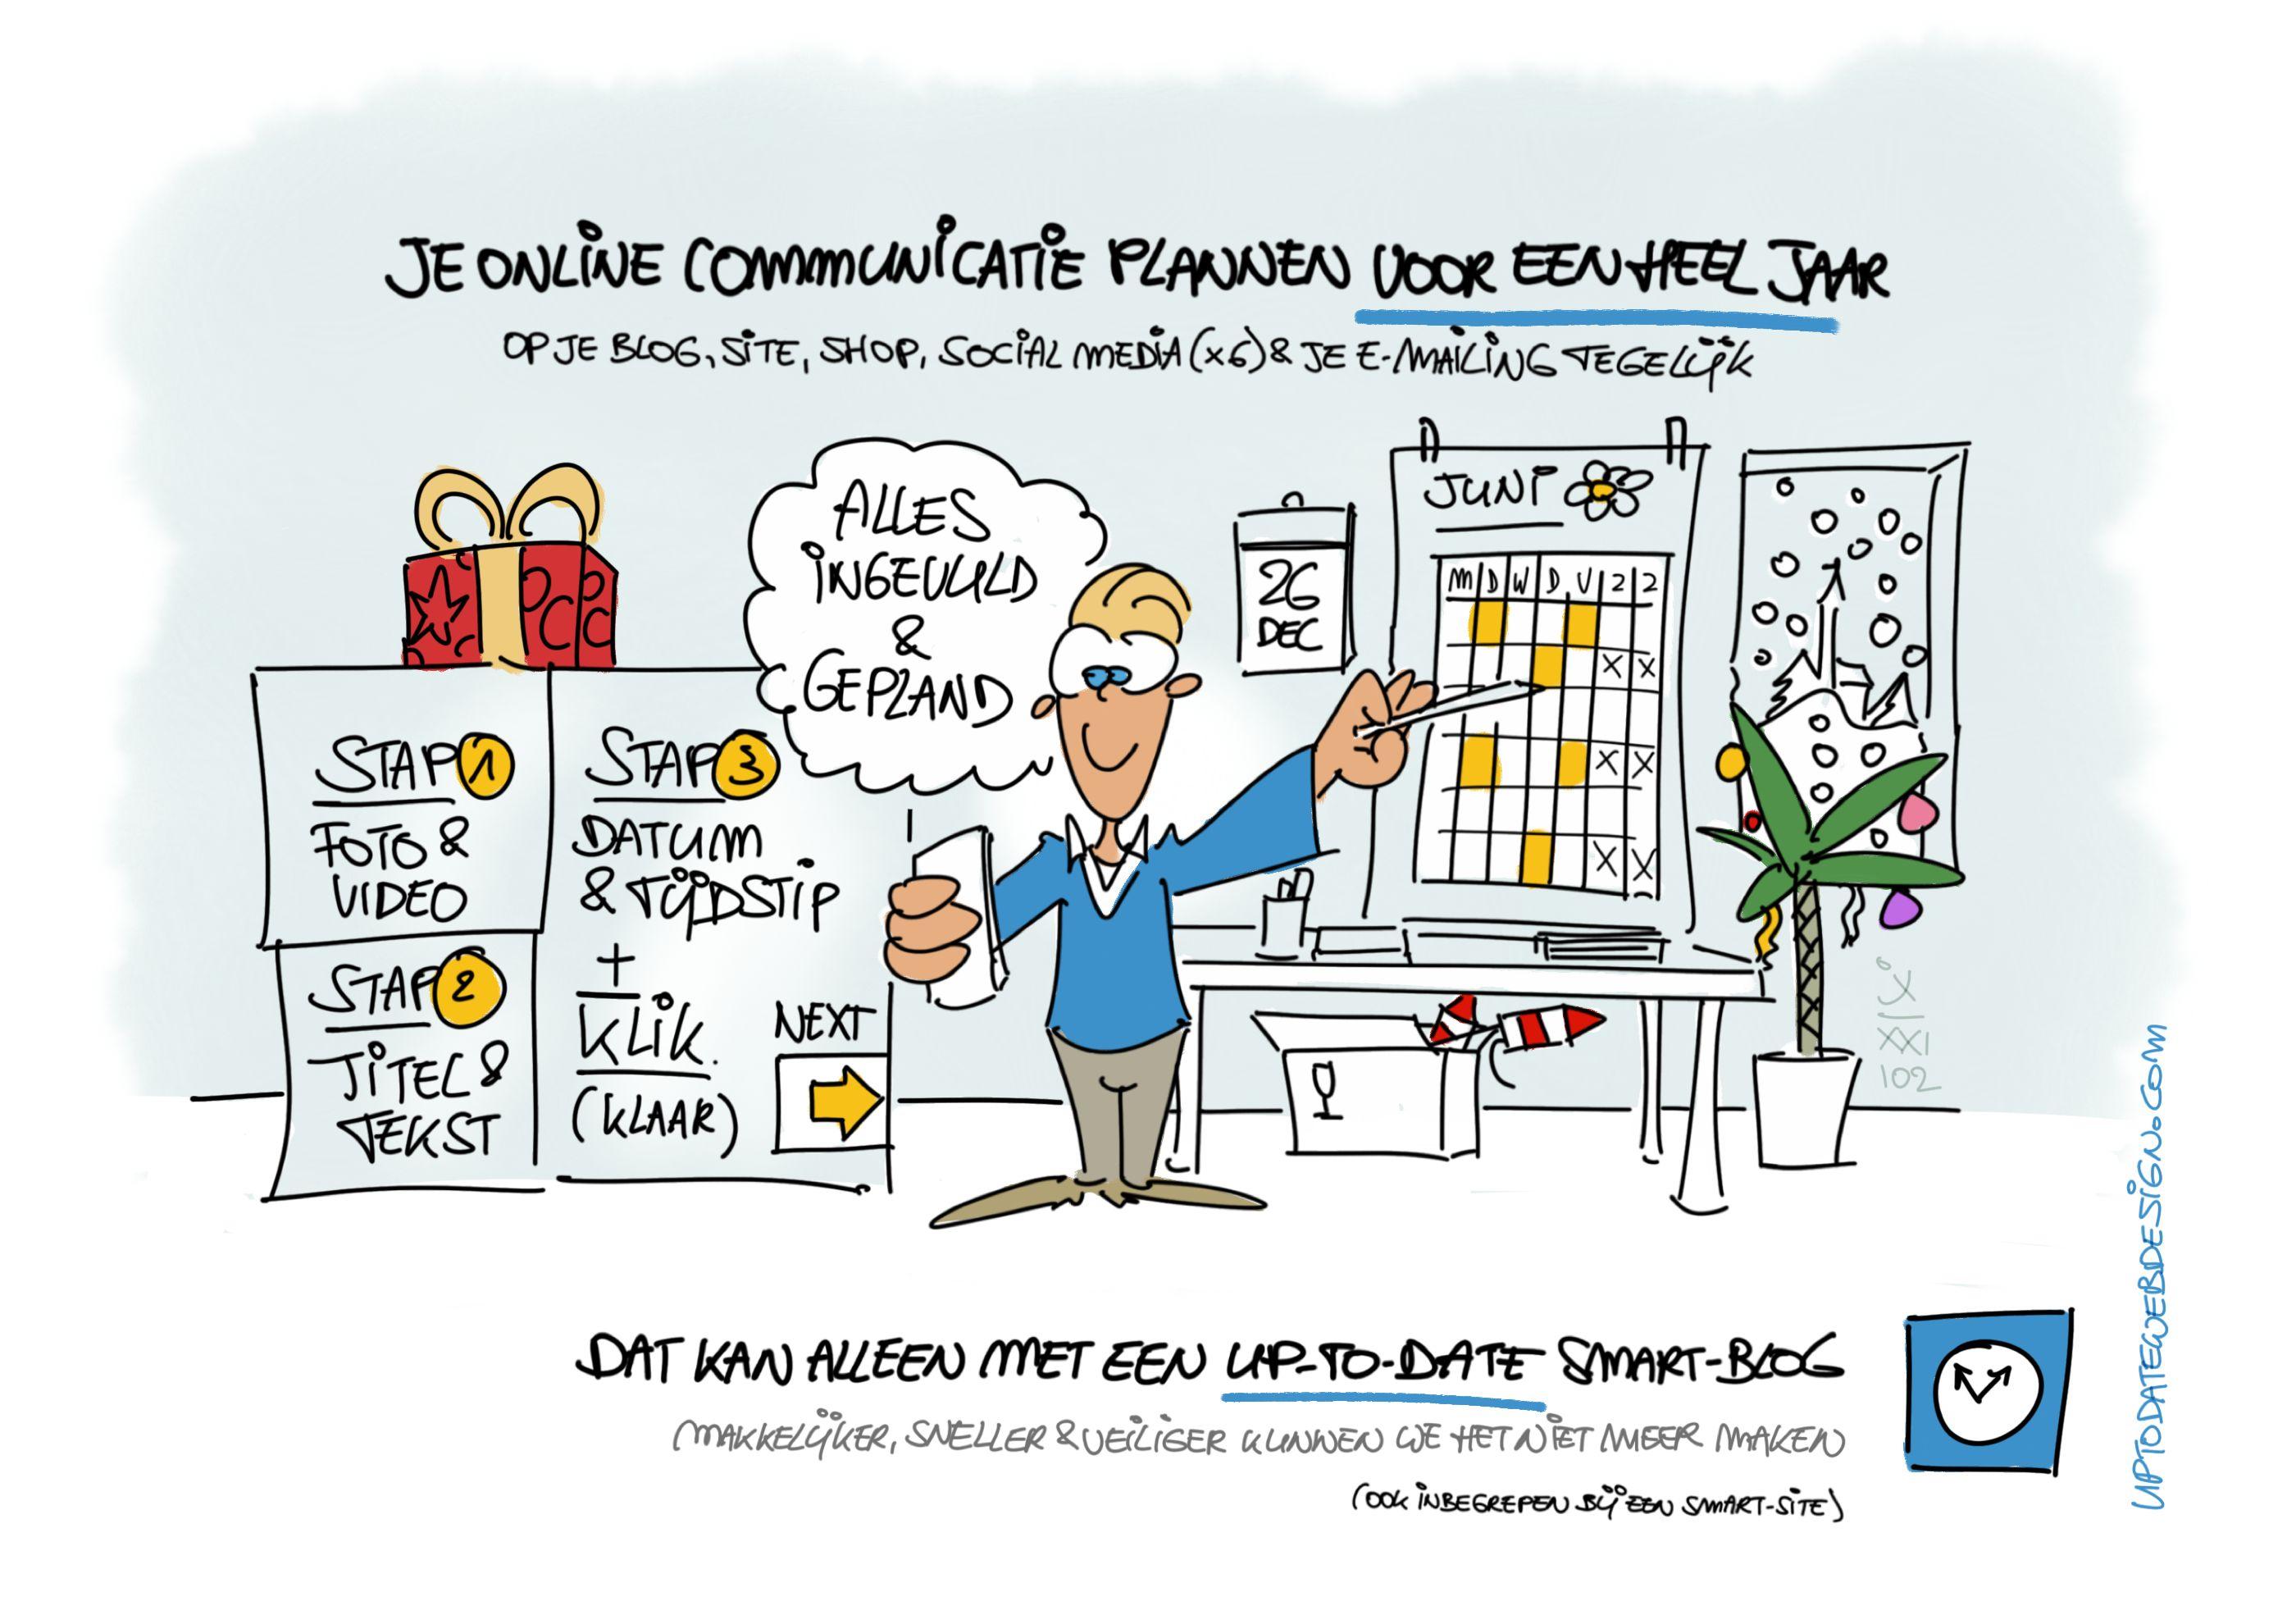 UP-TO-DATE Cartoon 102 - Communicatie plannen voor een heel jaar - Ivan Jans.PNG